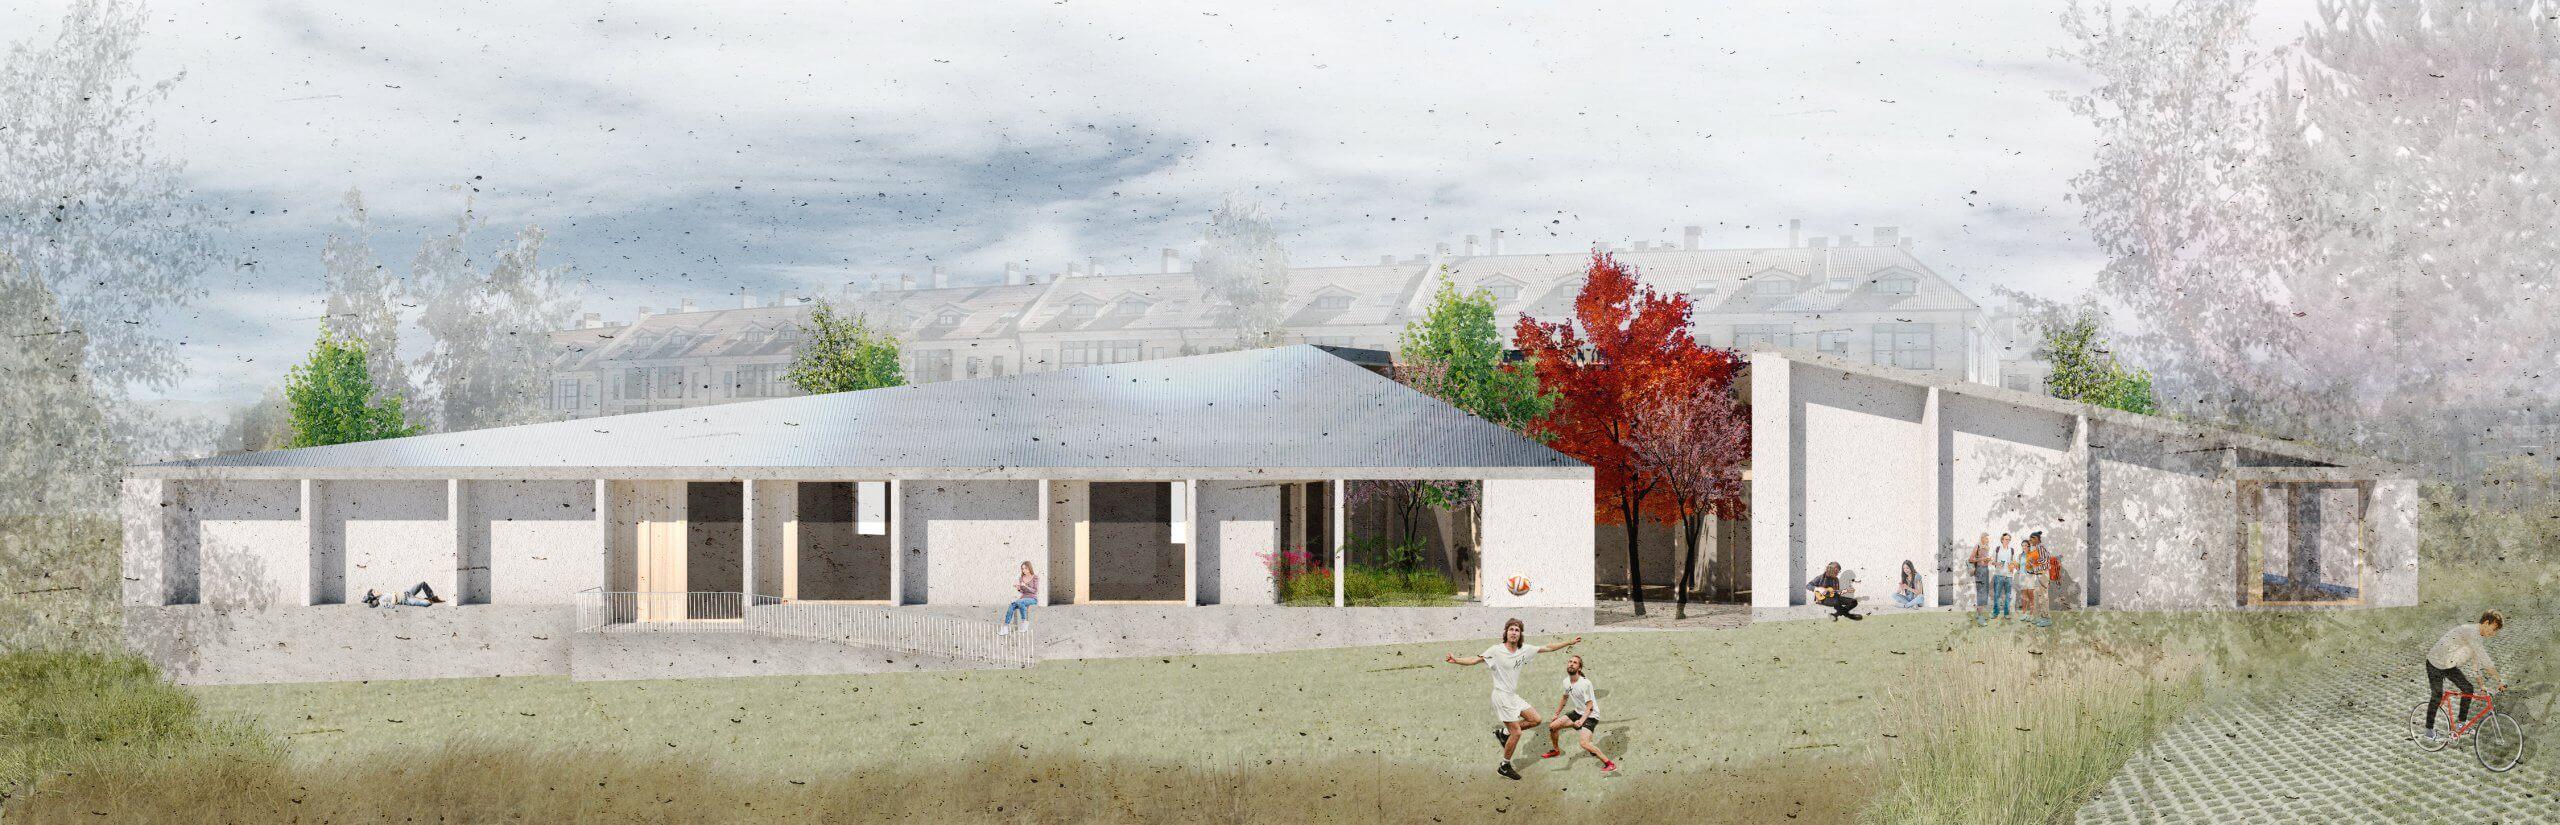 Centro multifuncional sostenible